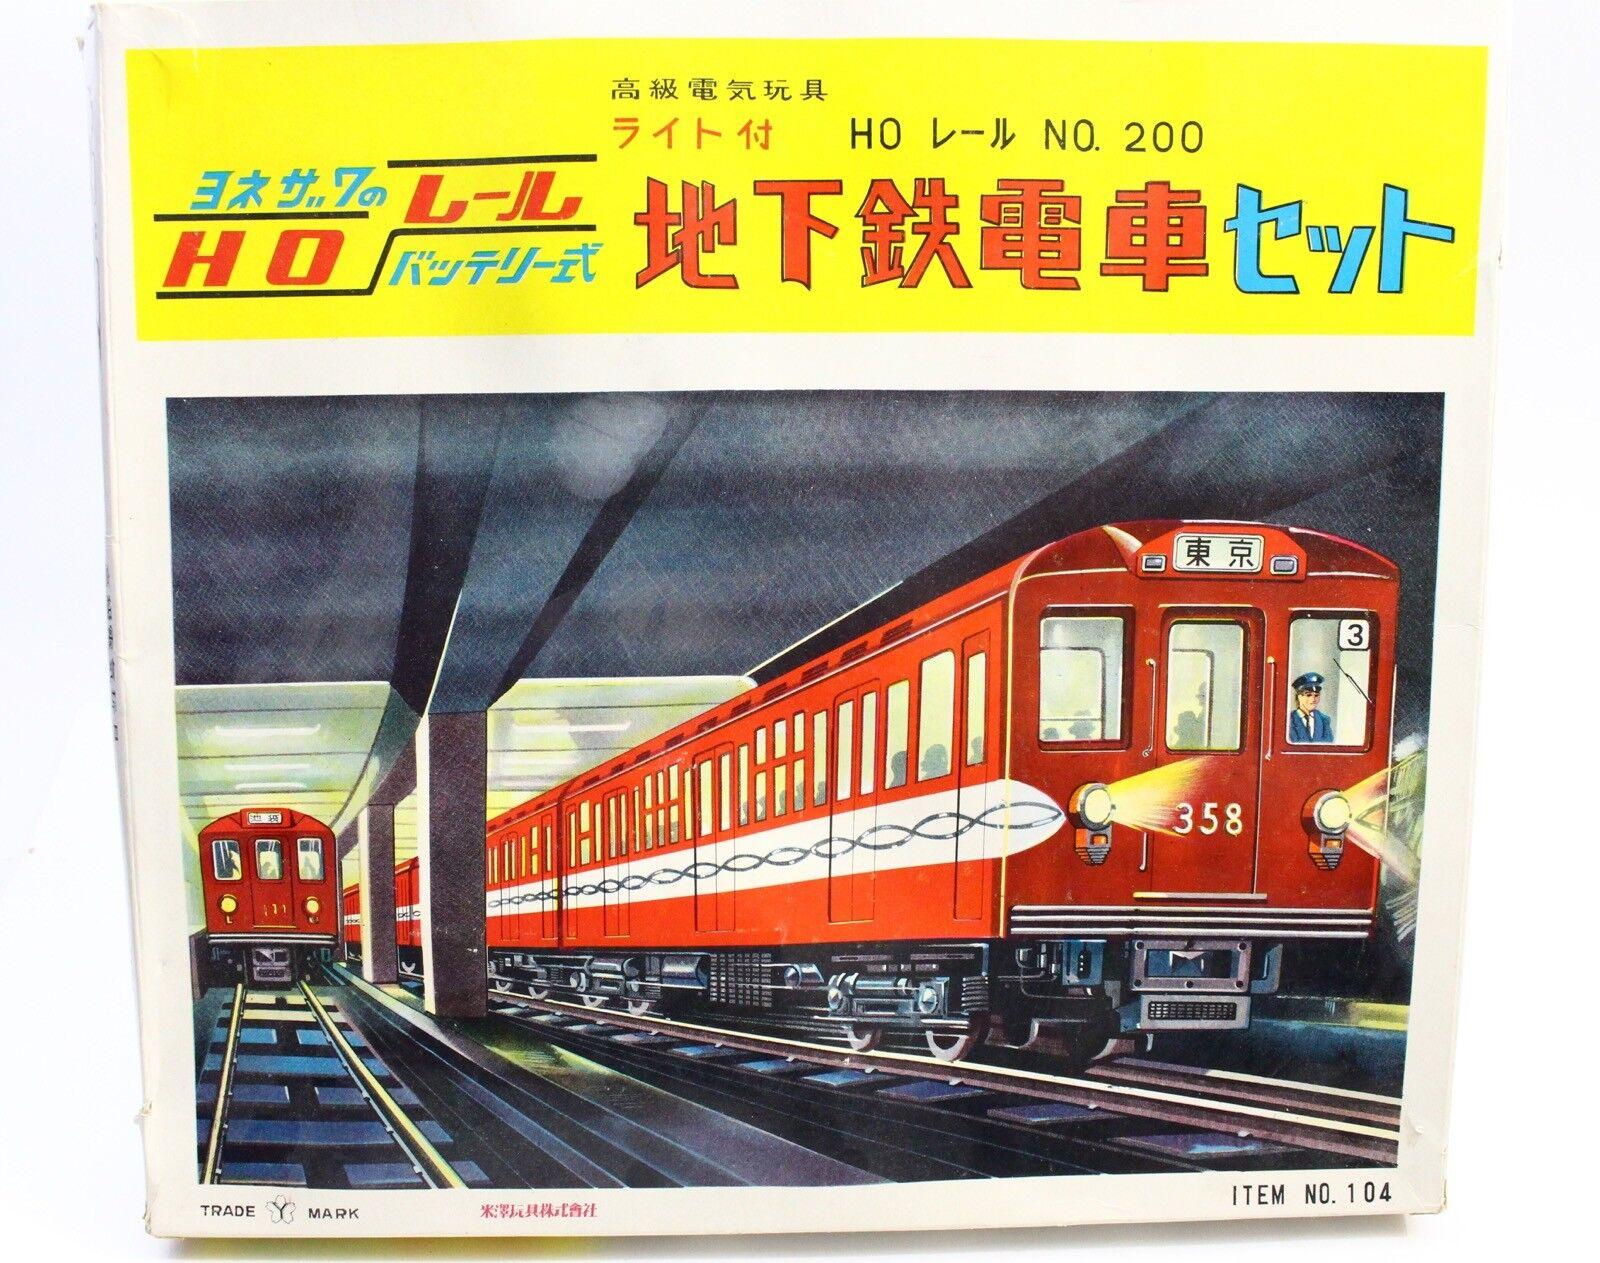 echa un vistazo a los más baratos Yonezawa Japón Conjunto Conjunto Conjunto de tren de pasajeros HO Estaño alimentado por batería Nº 200  104  genuina alta calidad